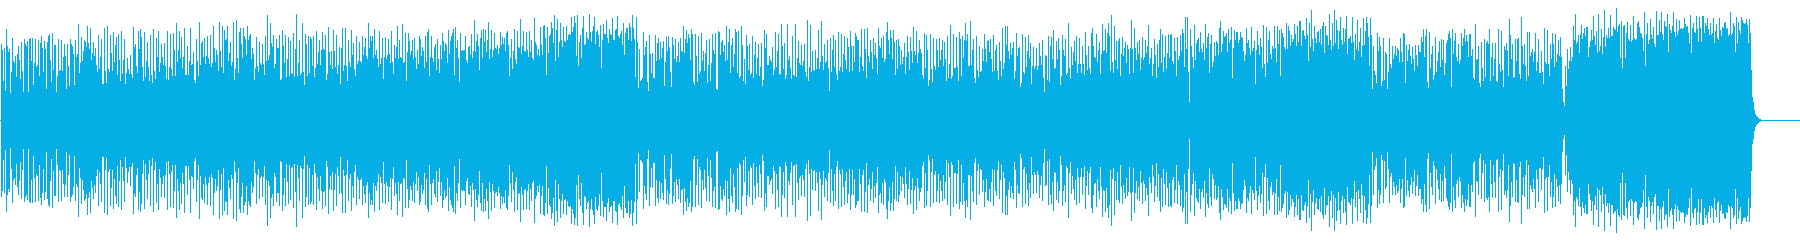 わくわくする軽快なポップ(フルサイズ)の再生済みの波形